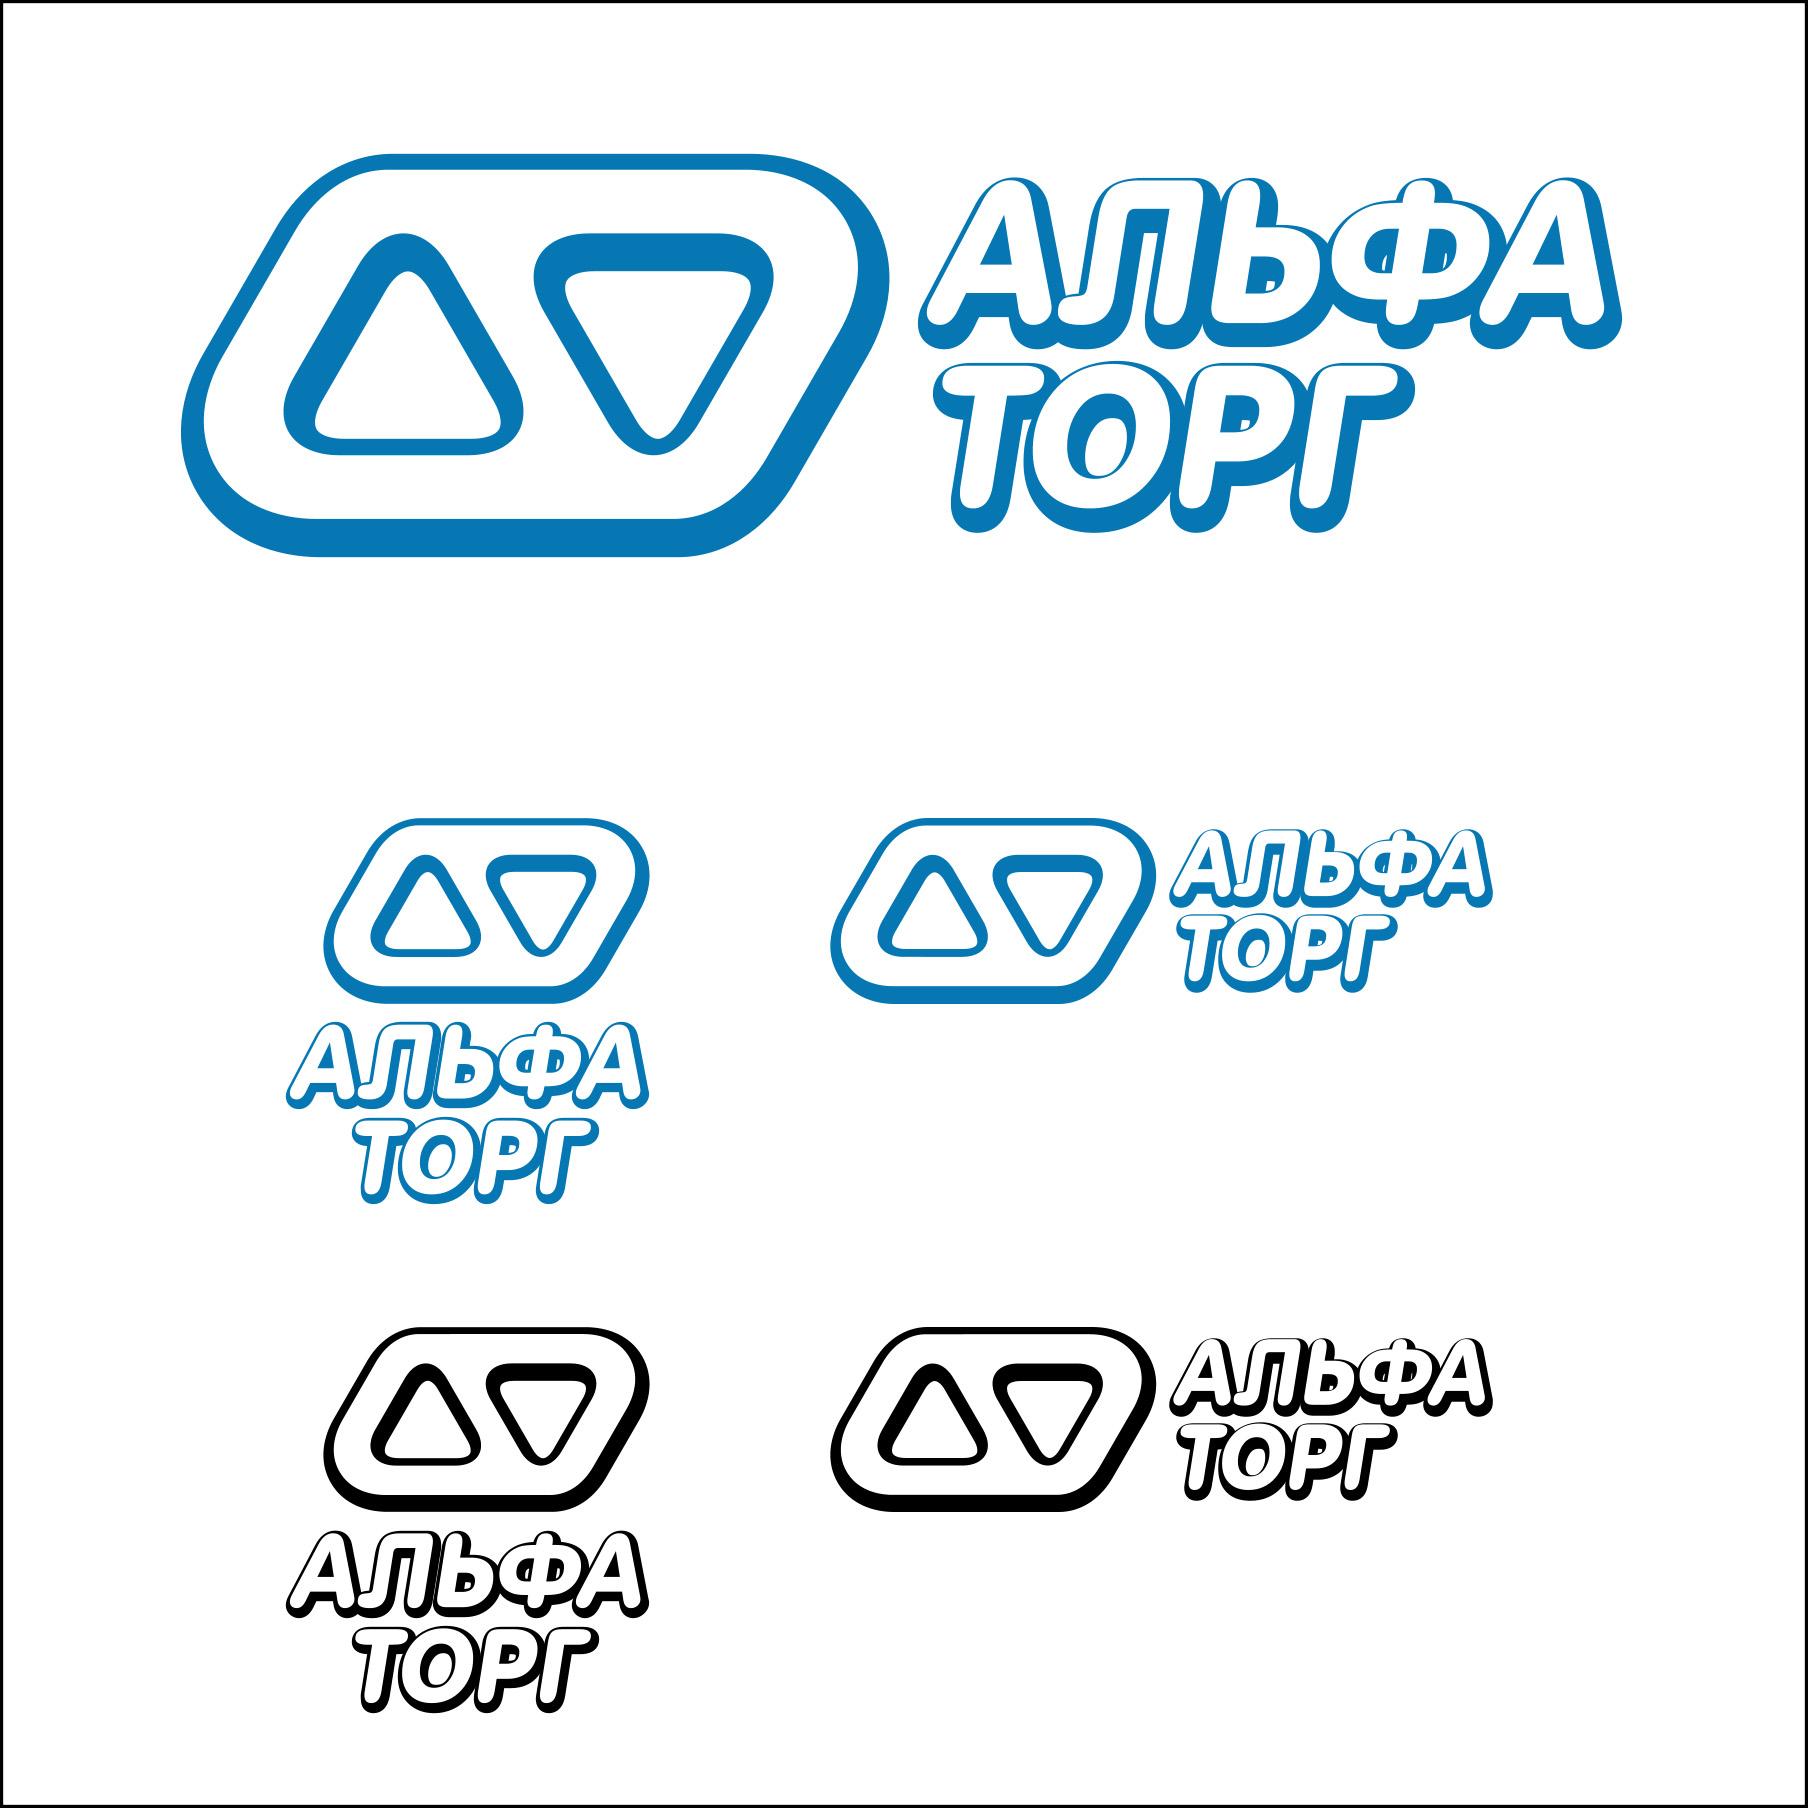 Логотип и фирменный стиль фото f_7895f044d5e7fb2c.jpg